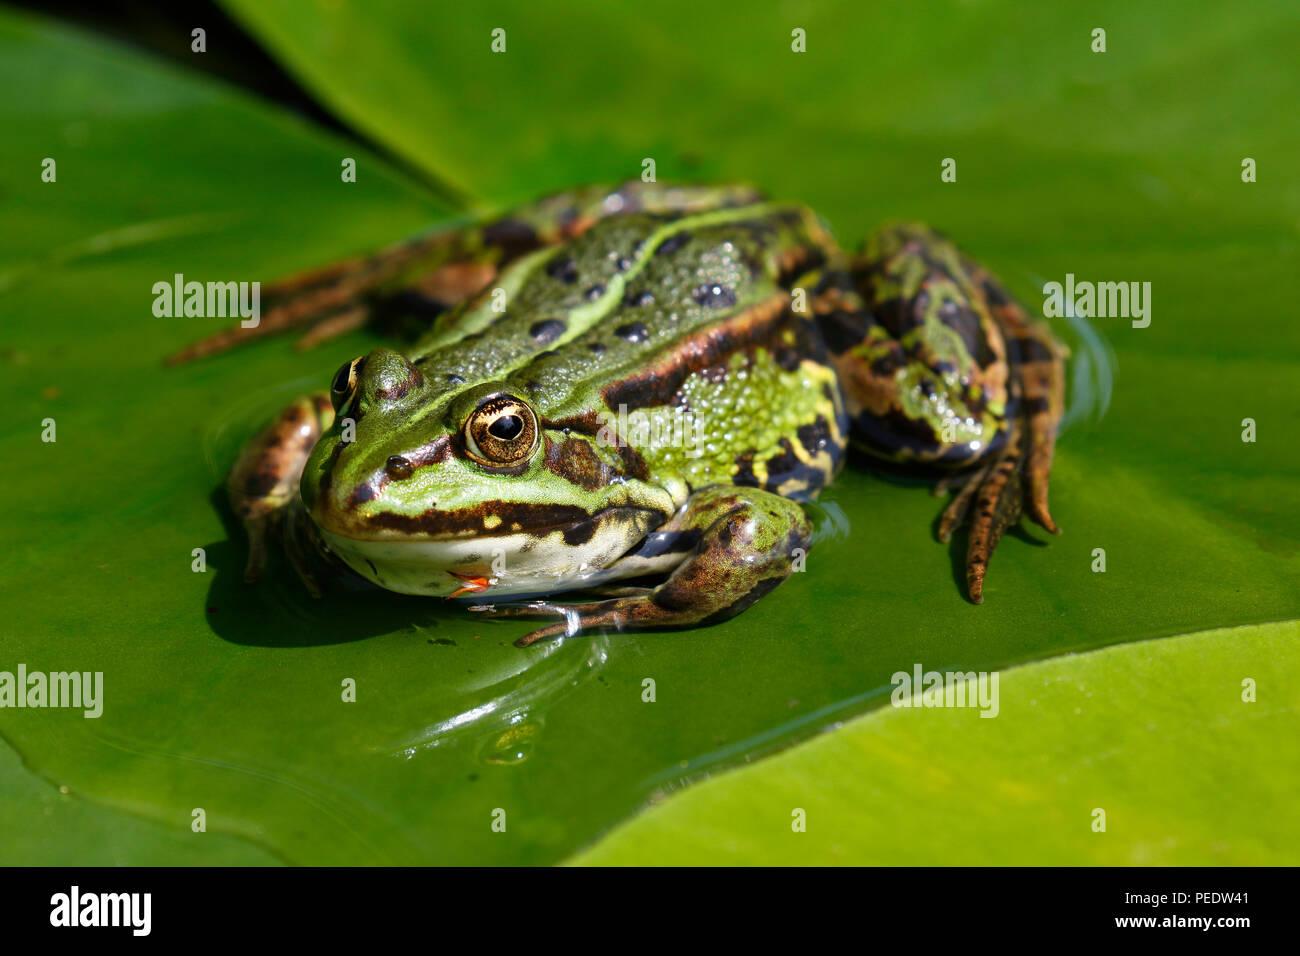 Teichfrosch, Pelophylax esculentus auf Seerosenblatt, Schleswig-Holstein, Deutschland - Stock Image